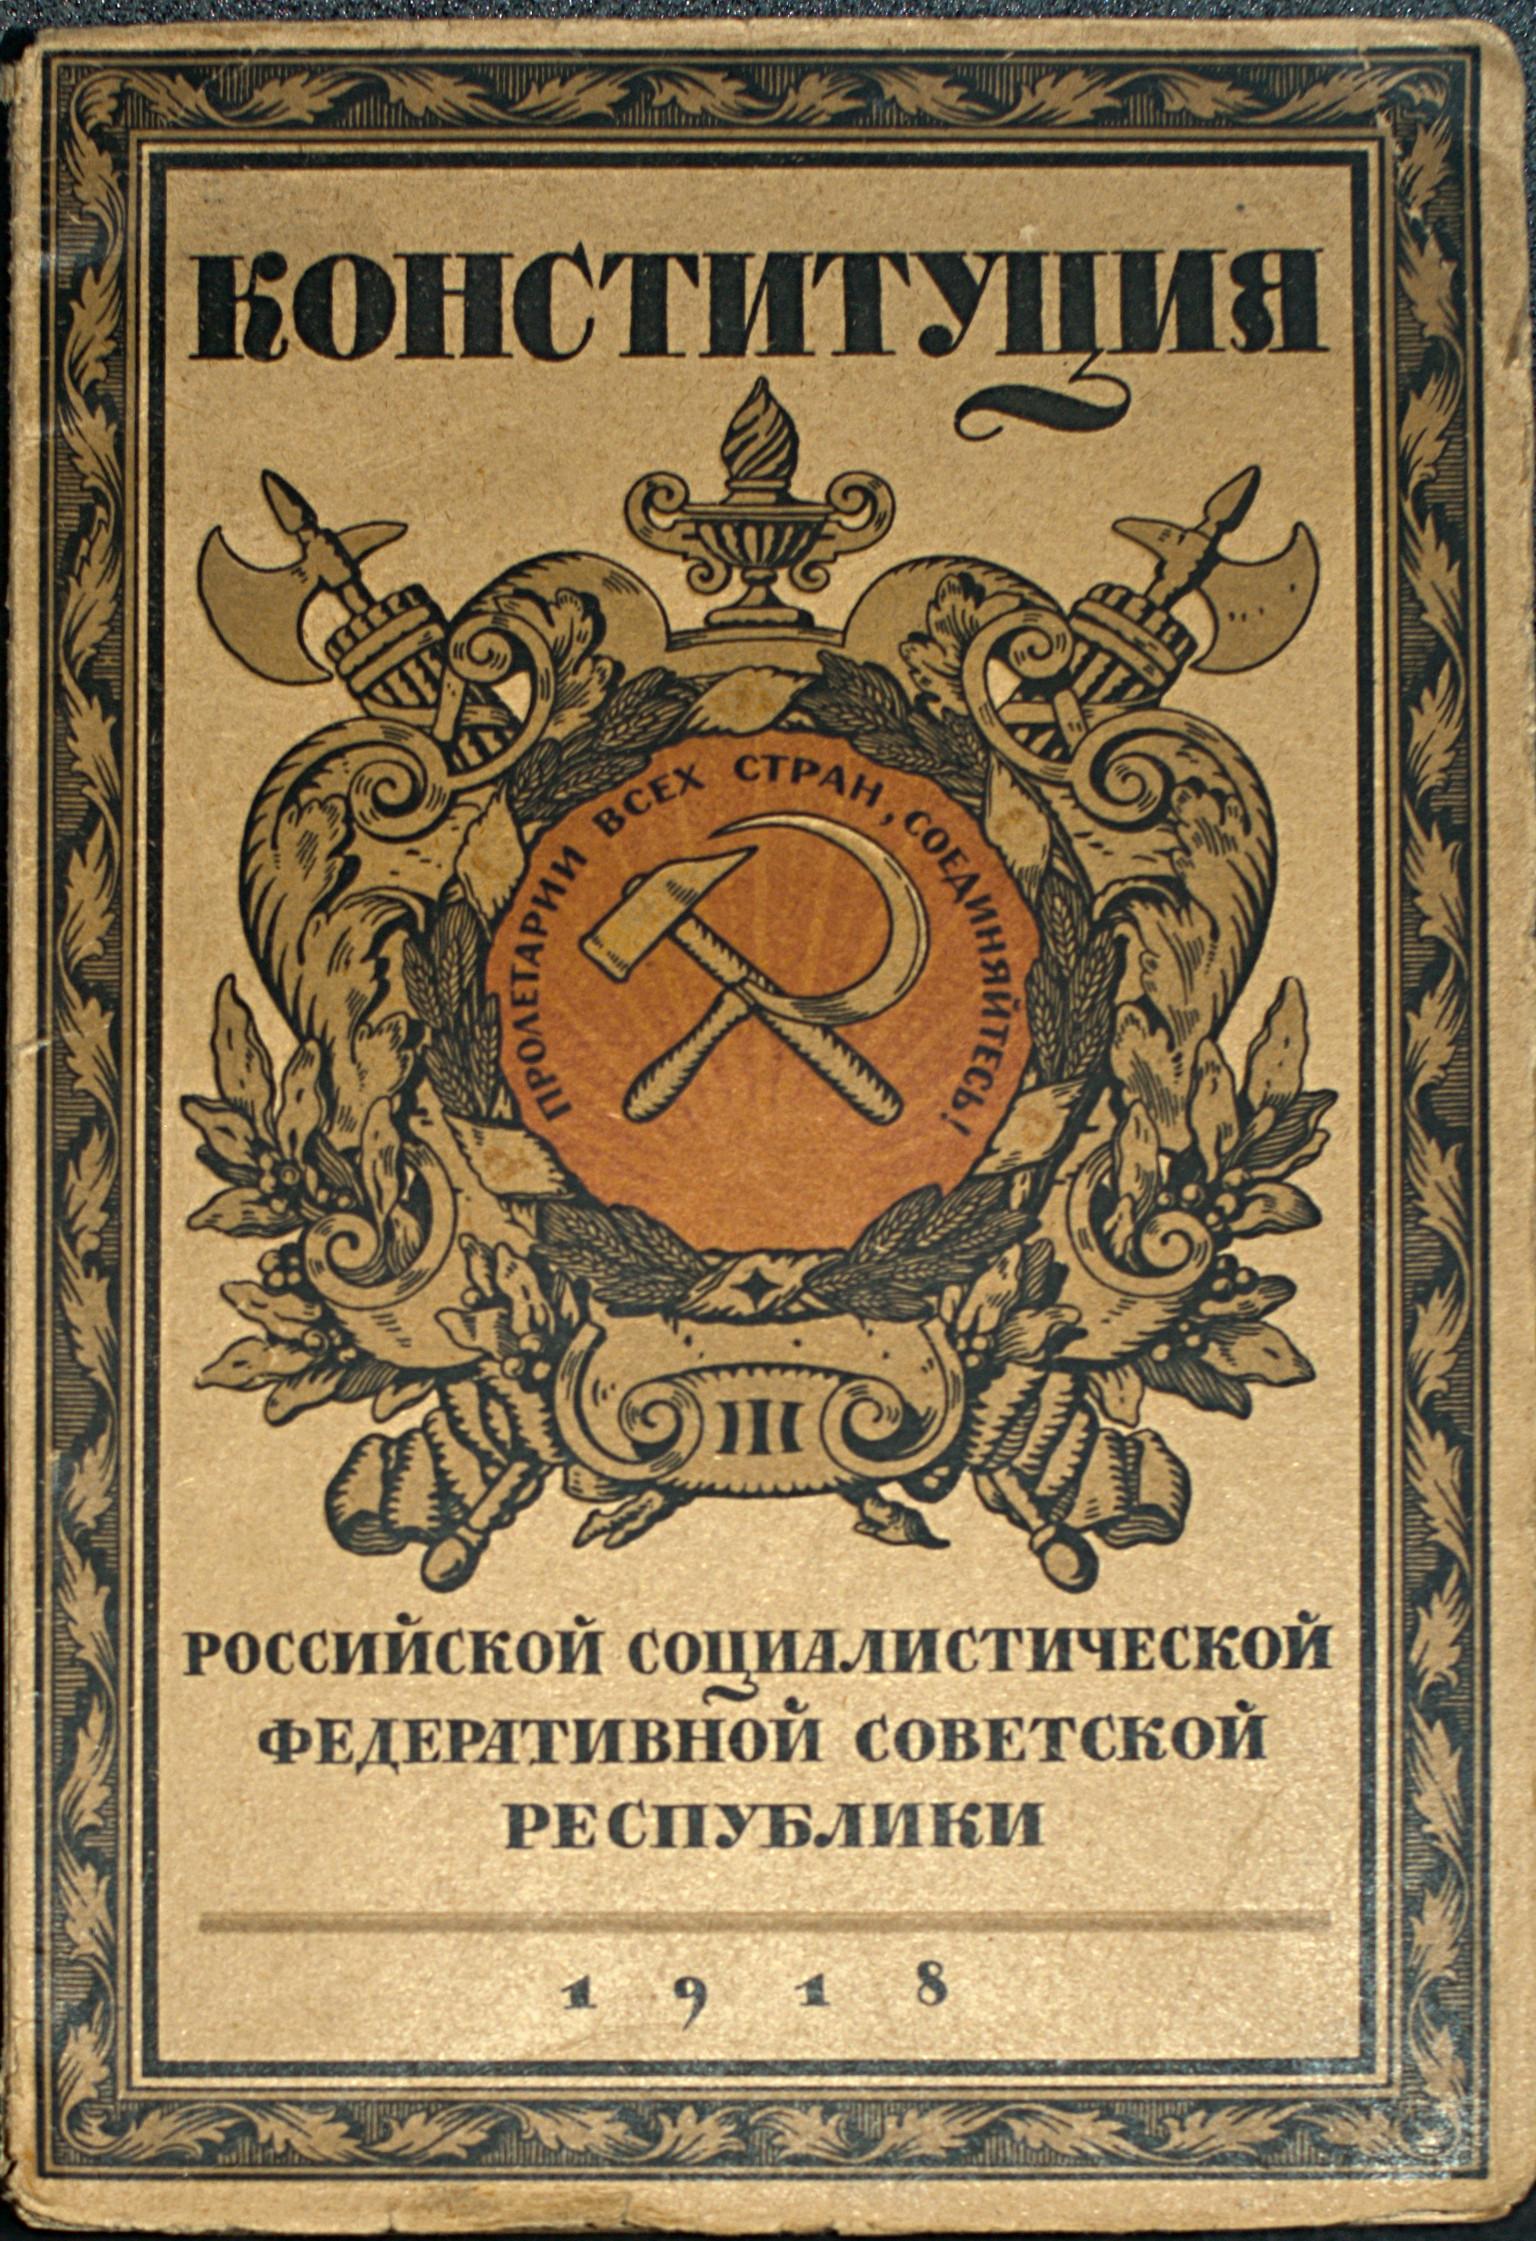 Объявлялся высшей в пределах данной территории властью, в период между съездами такой властью являлся избираемый